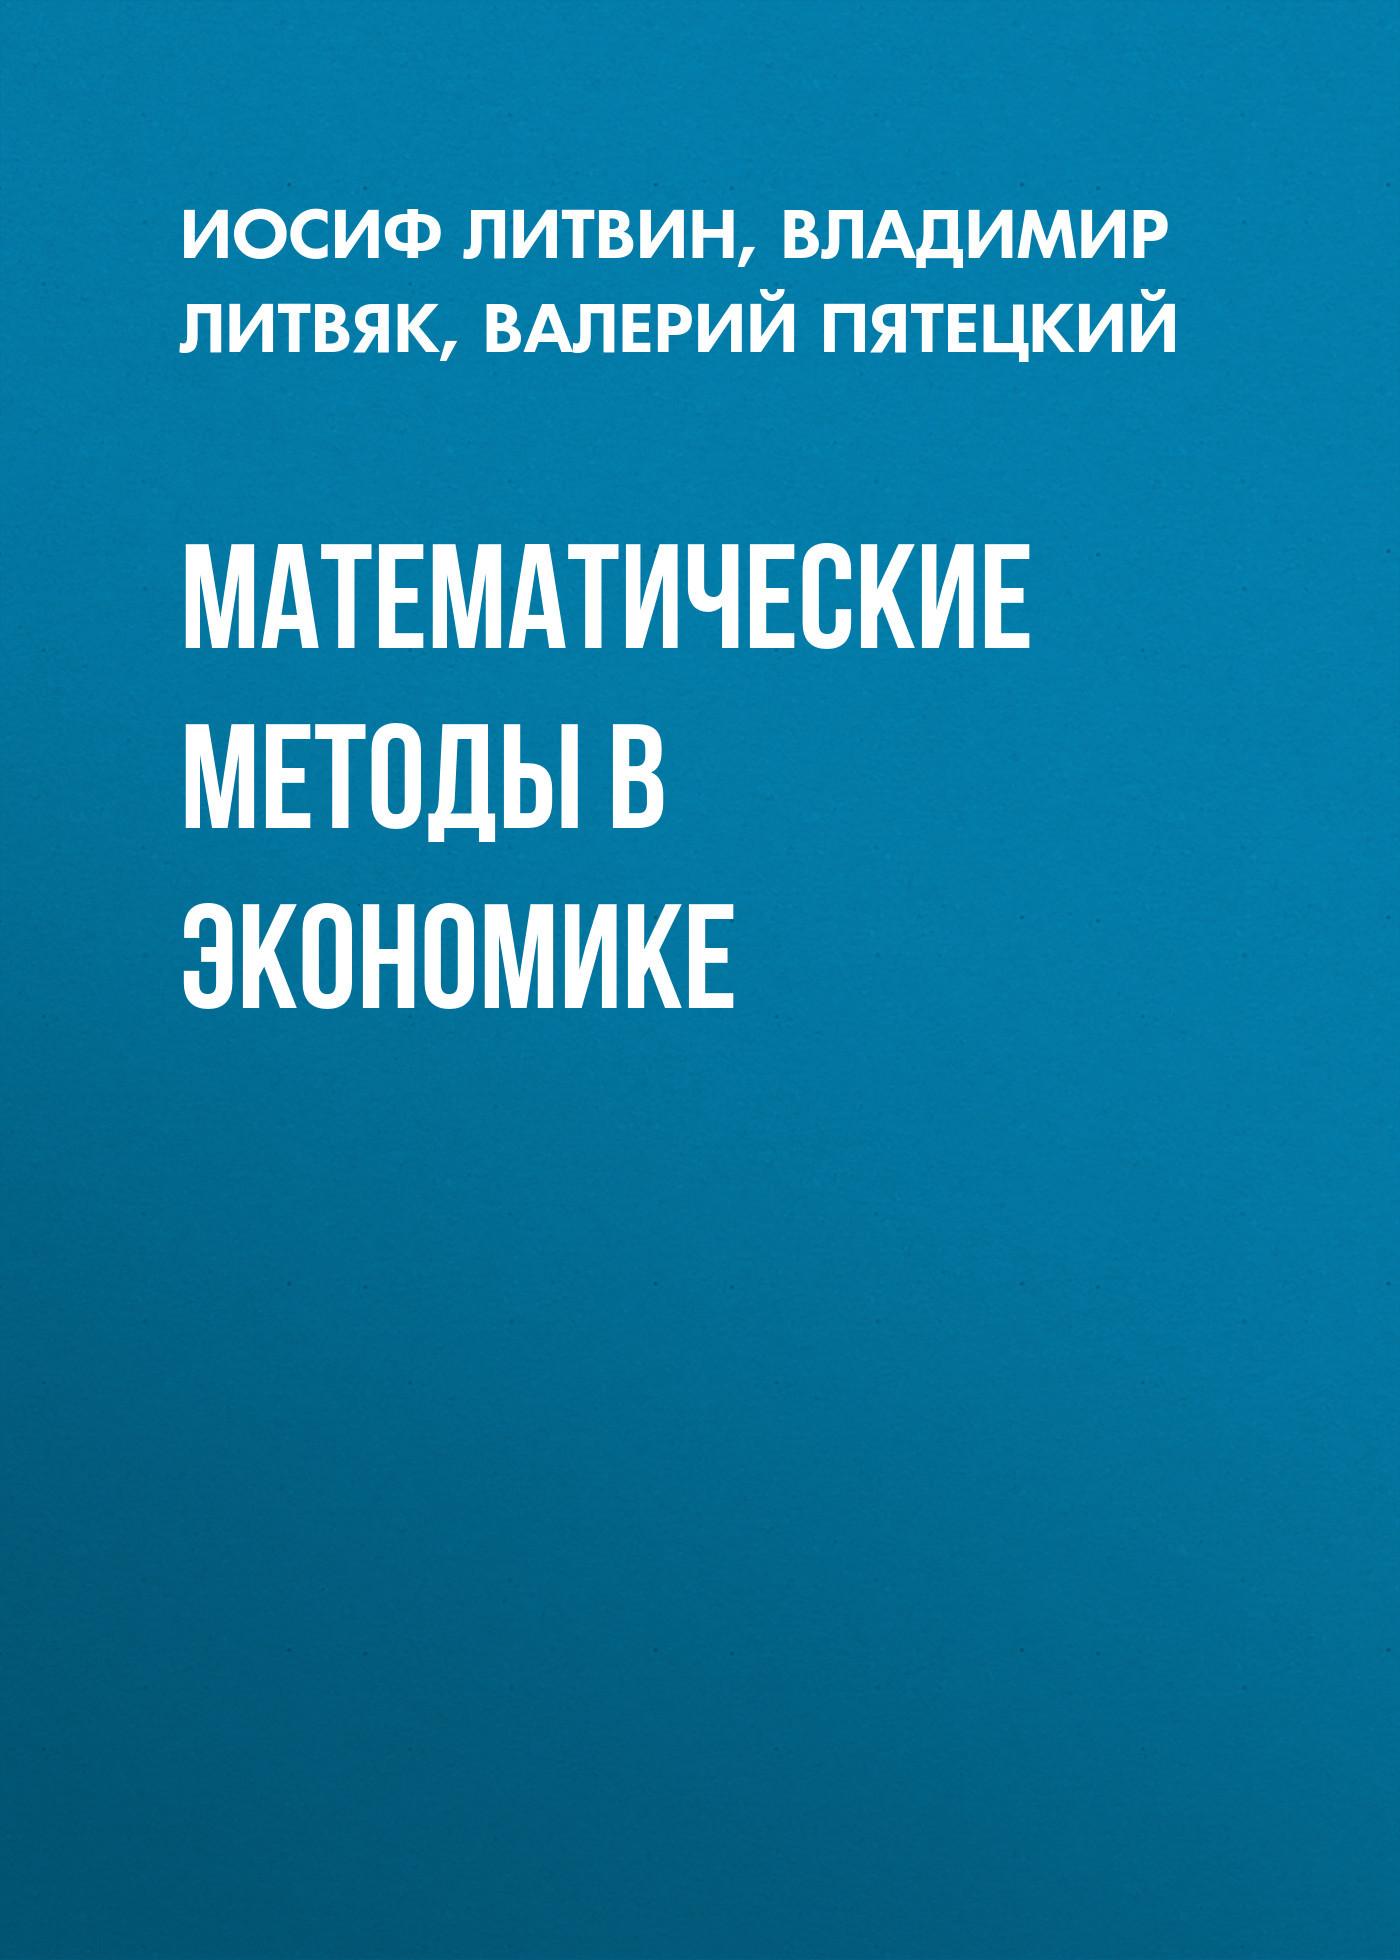 Валерий Пятецкий. Математические методы в экономике